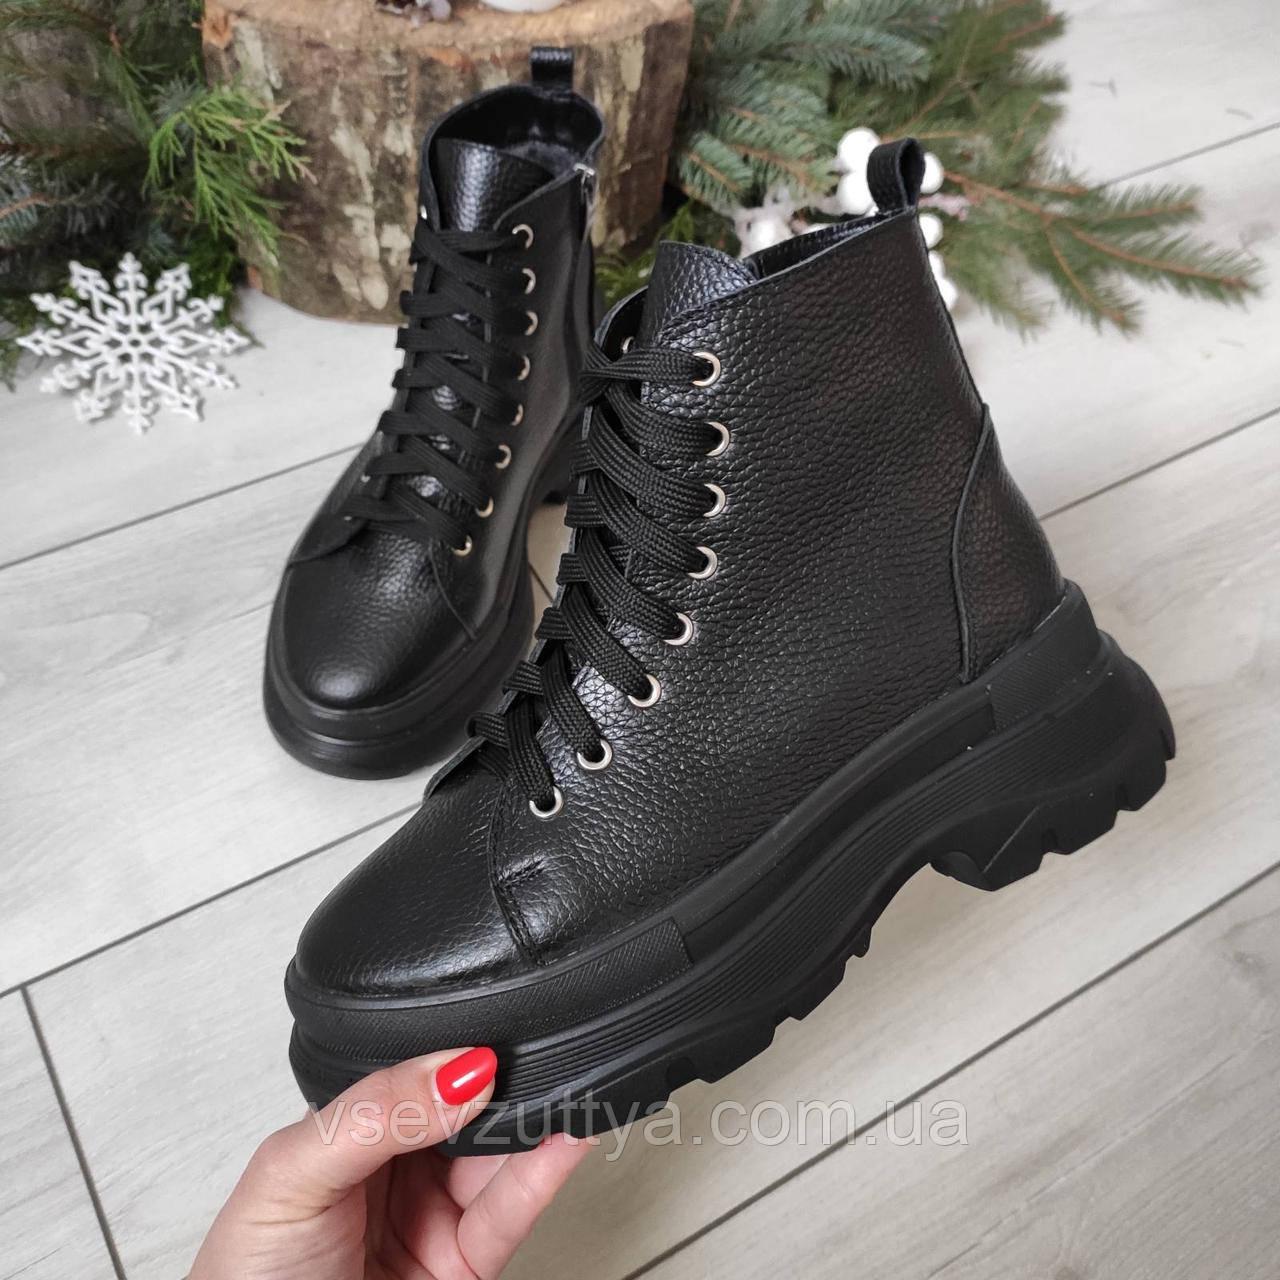 Ботинки зимние женские черные натуральная кожа